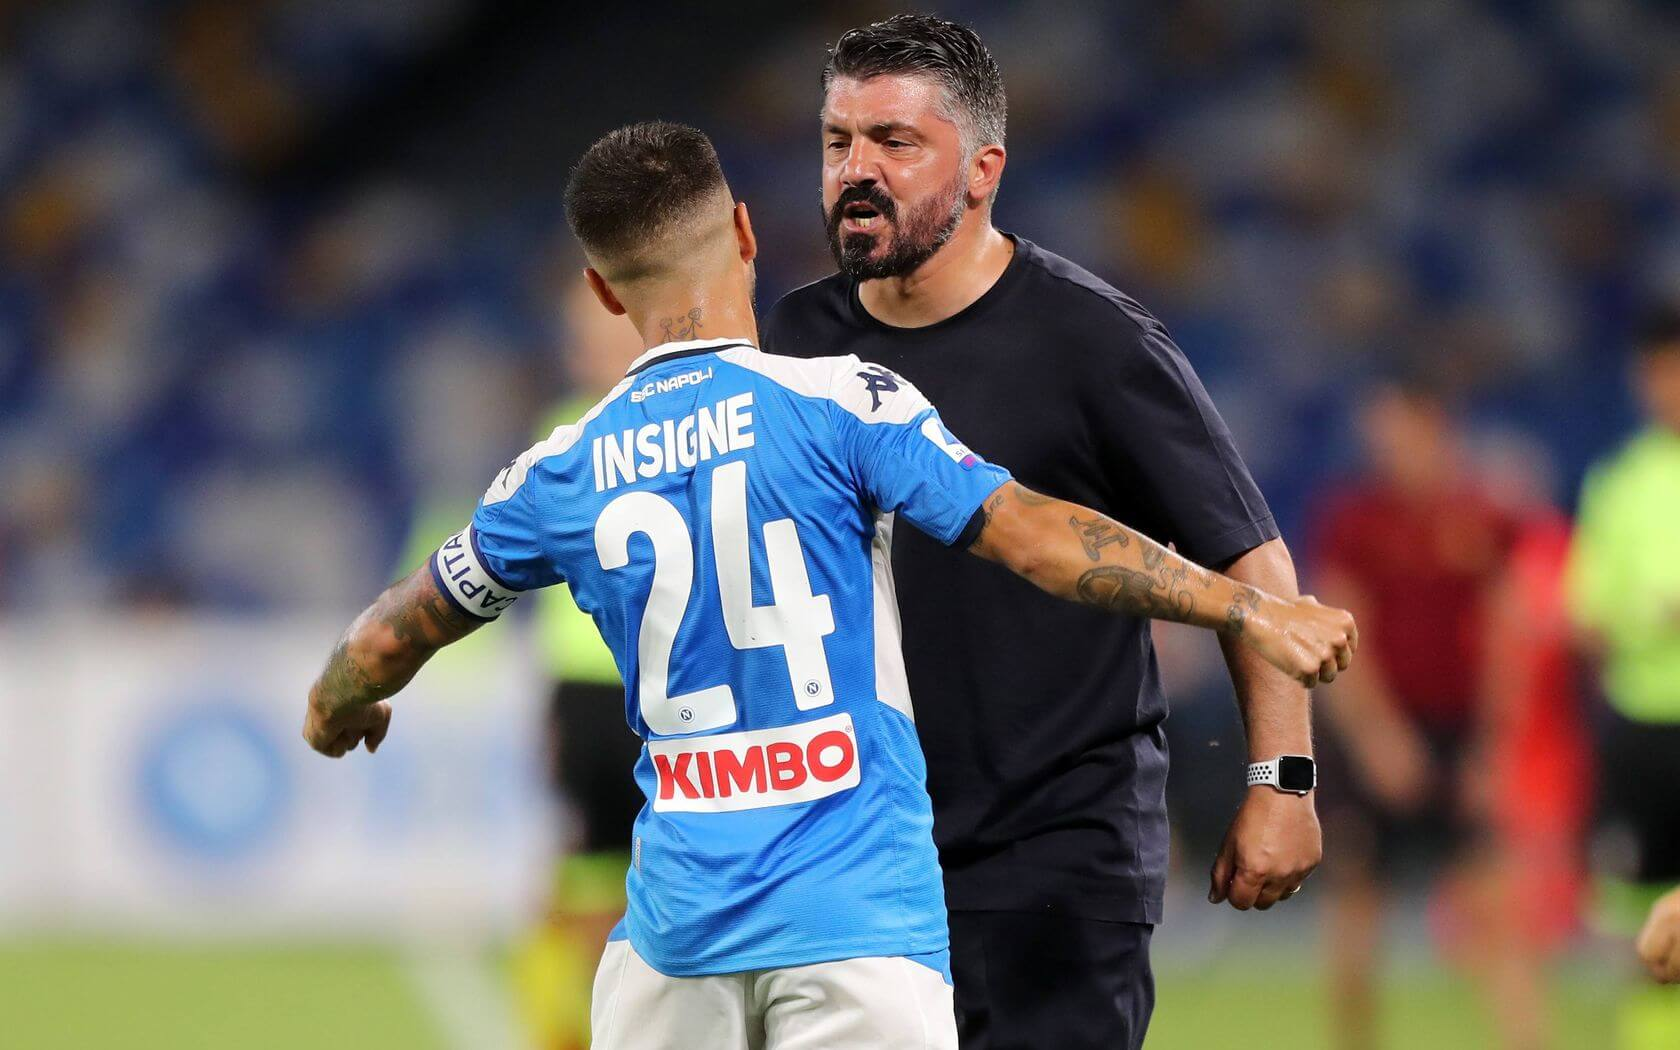 «Наполи» – «Лацио»: ставки, прогнозы и коэффициенты букмекеров на матч 1 августа 2020 года